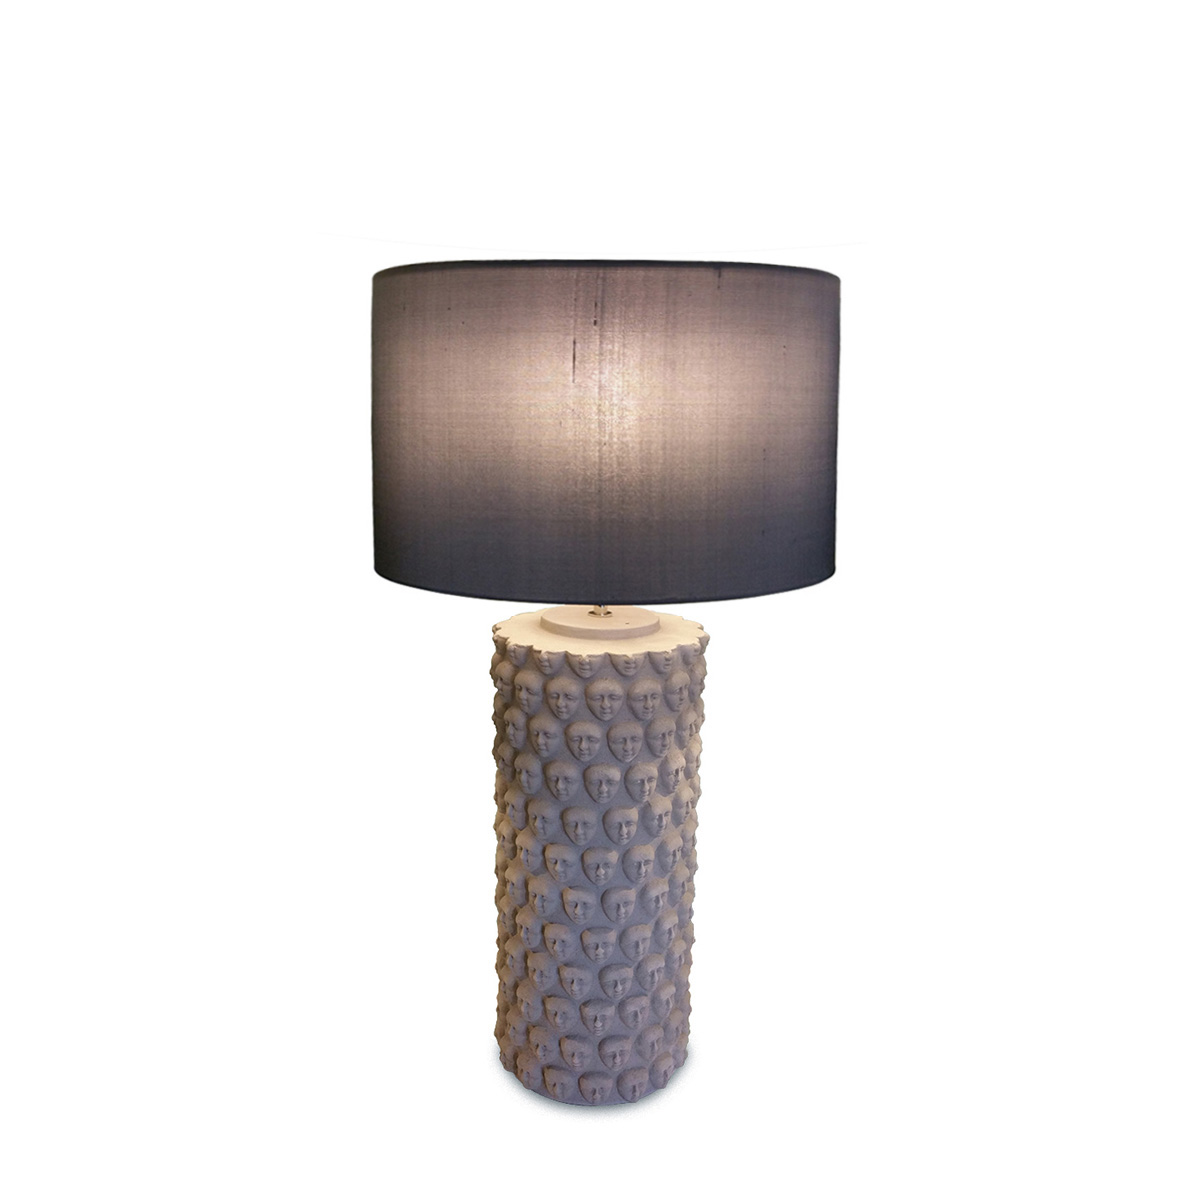 Επιτραπέζια κεραμική λάμπα FACES ceramic table lamp